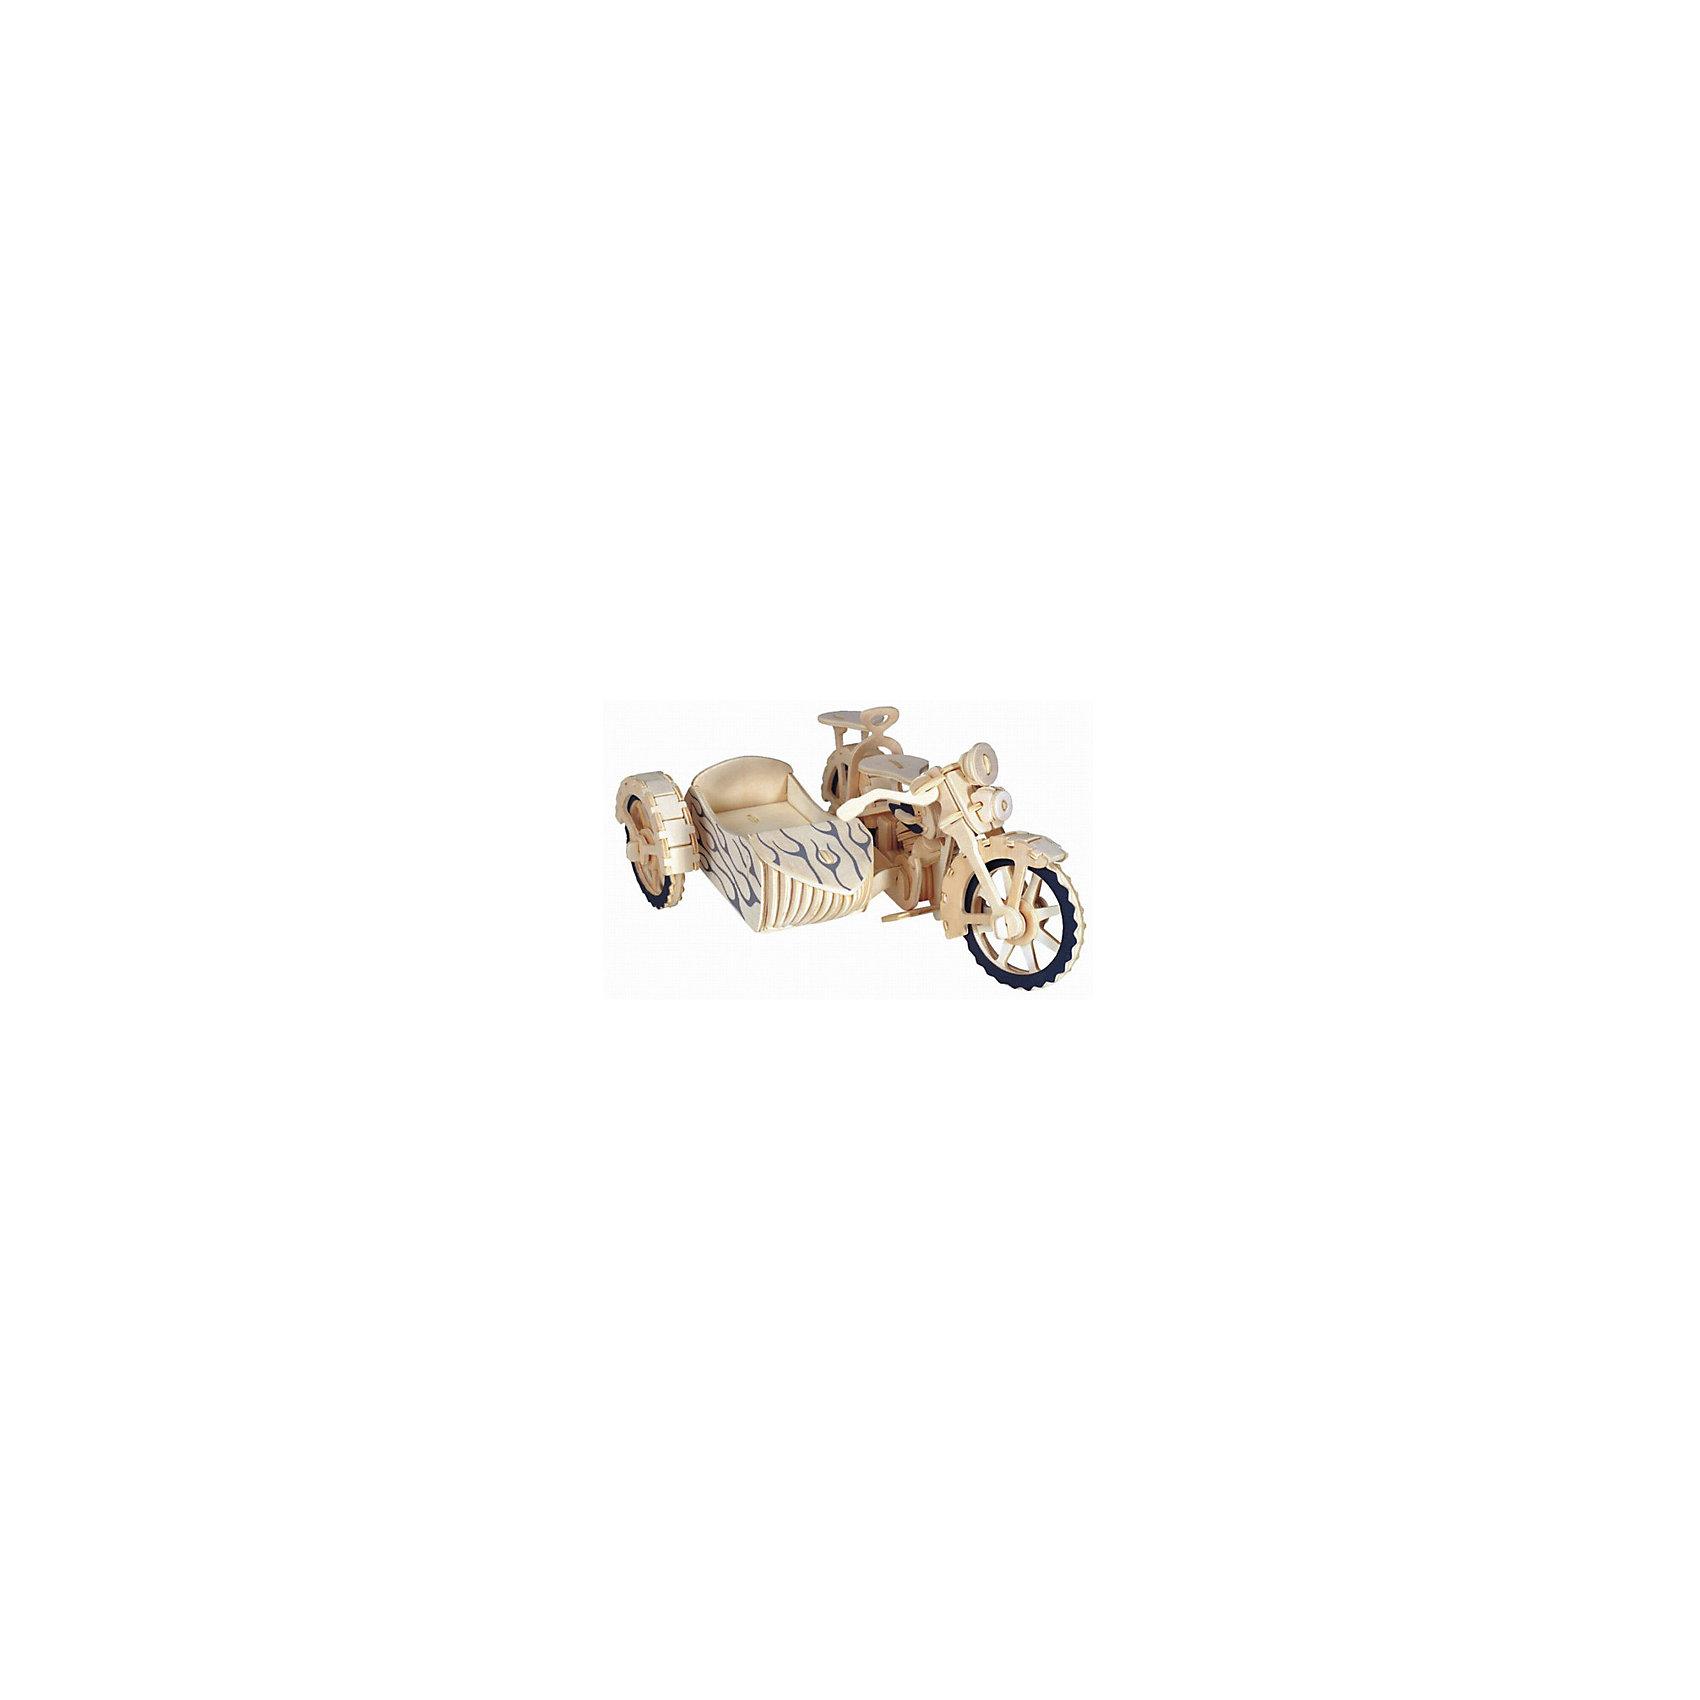 МДИ Мотоцикл с люлькой, Мир деревянных игрушек игрушка мир деревянных игрушек лабиринт слон д345